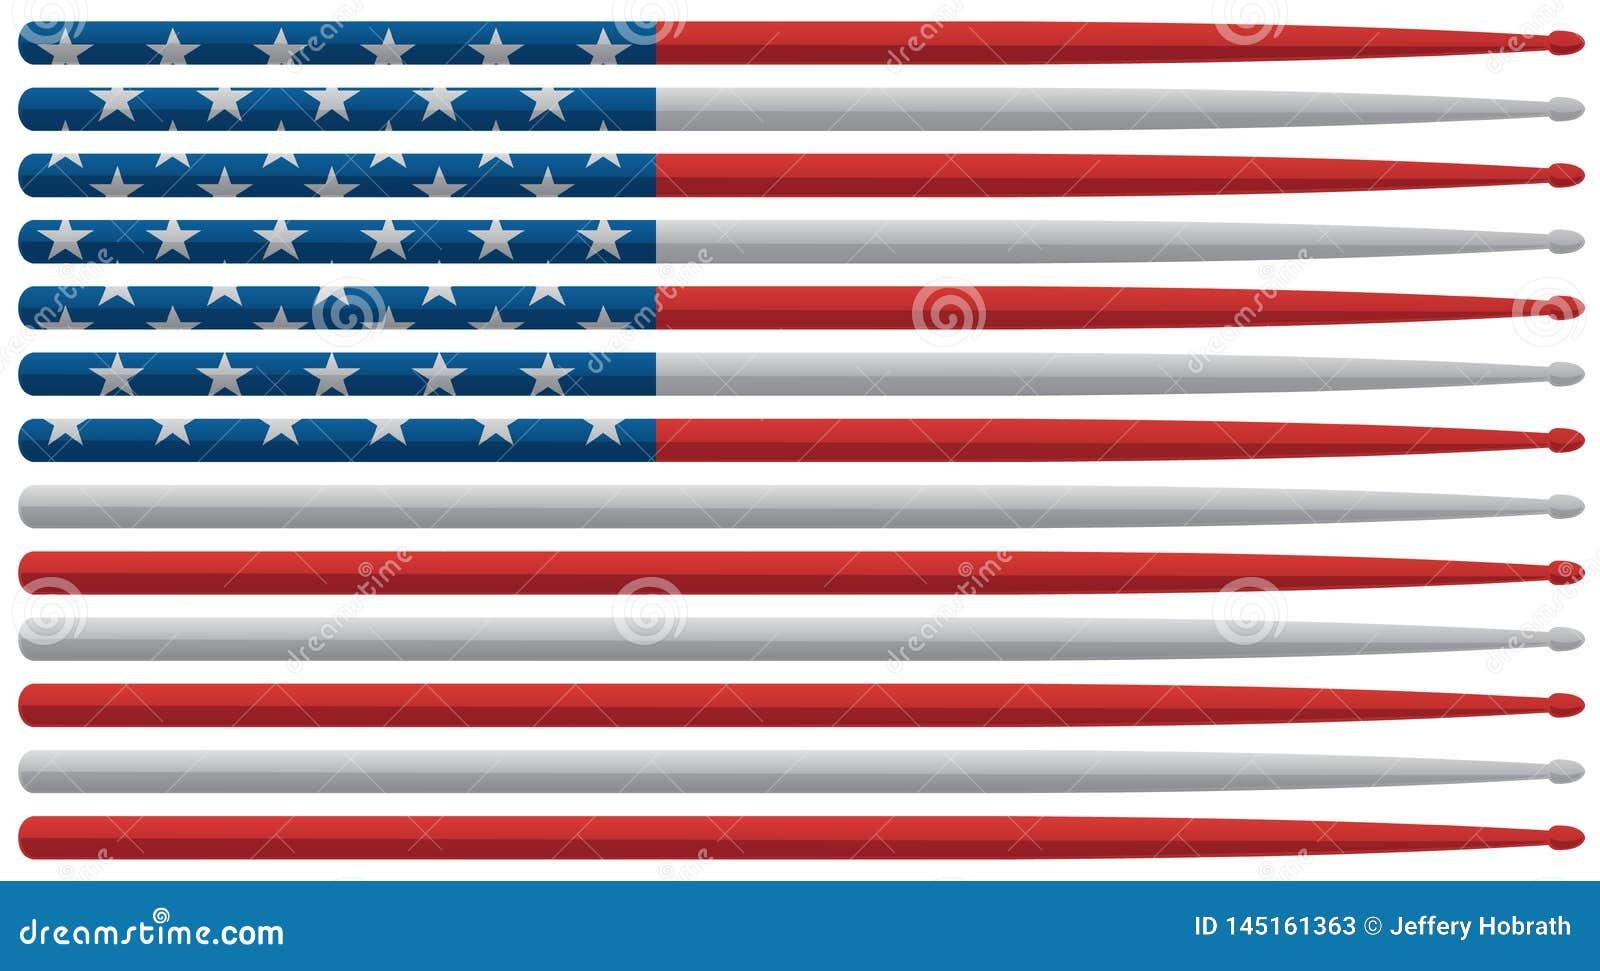 La bandera americana del batería con las barras y estrellas rojas, blancas y azules teclea pega el ejemplo aislado del vector